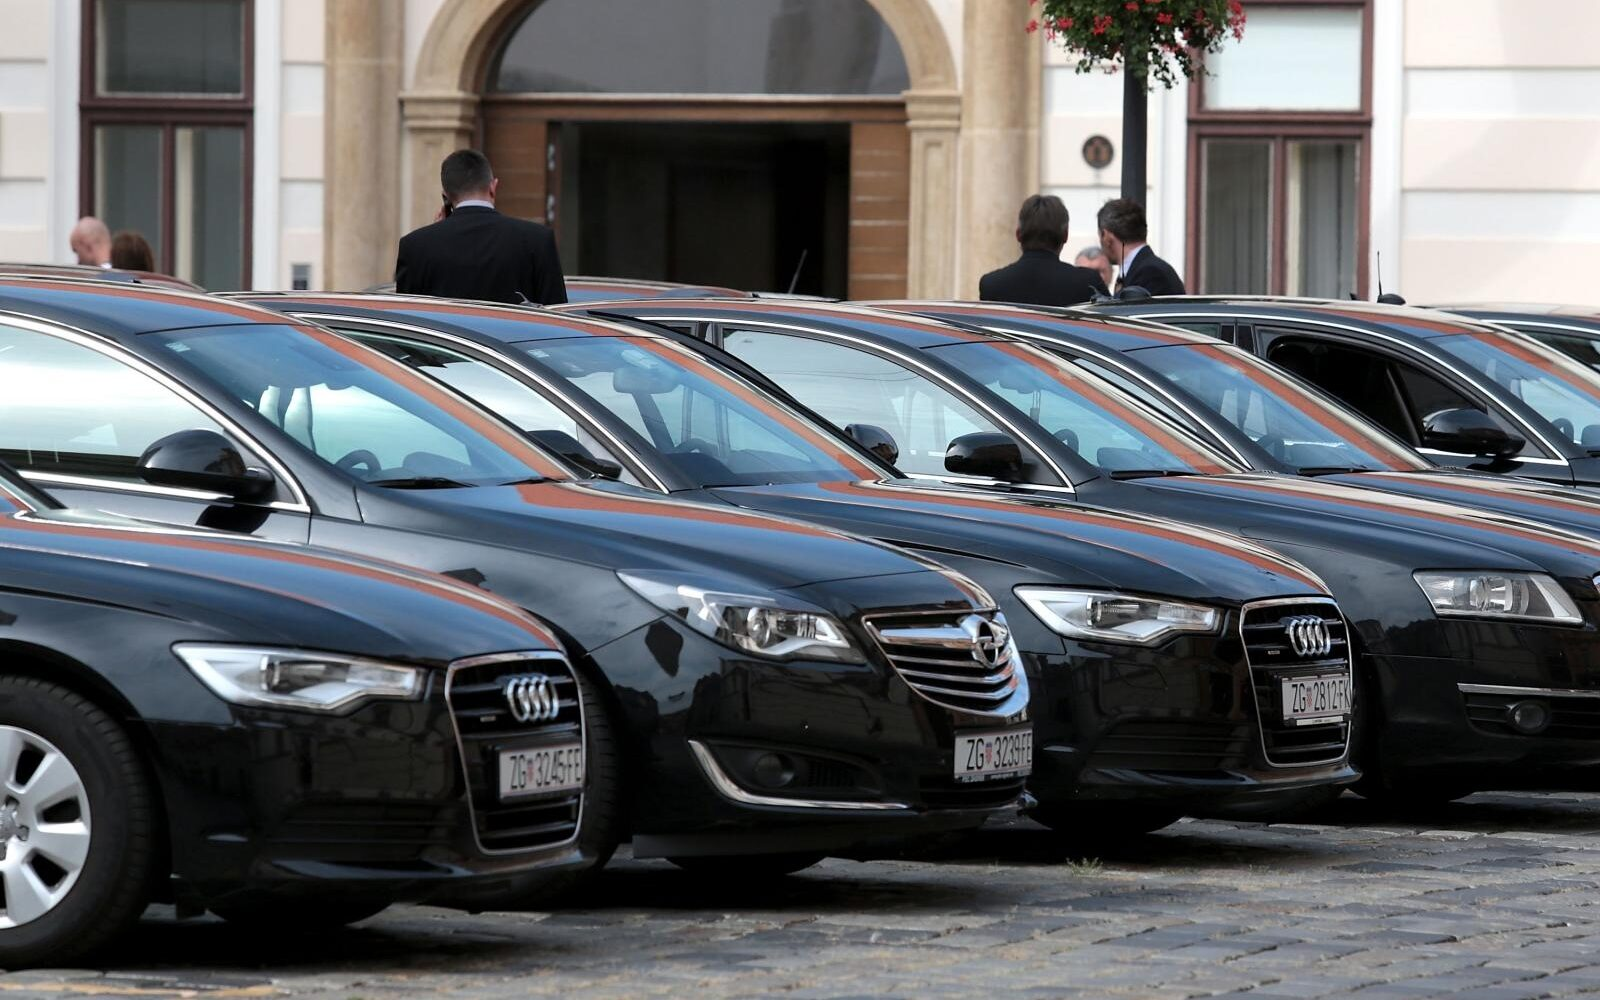 Hrvatska i Danska jednake po broju ministarstava, ne i po broju službenih  vozila: Imamo ih 200 puta više - Poslovni dnevnik